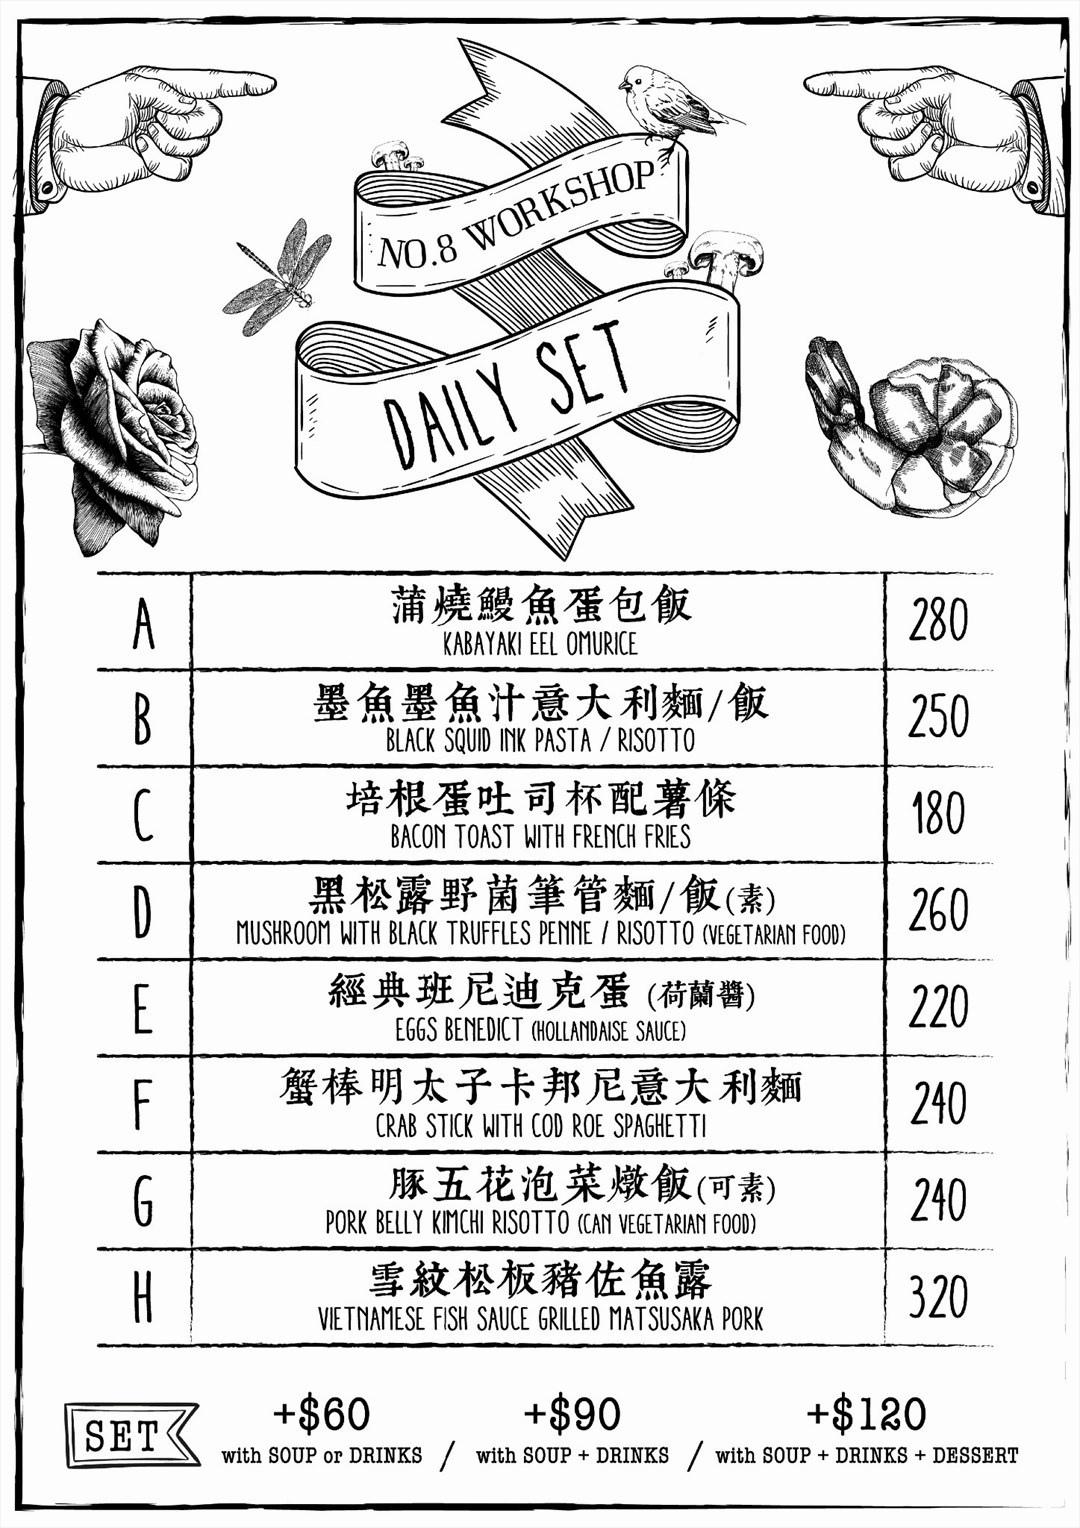 No.8 Workshop 捌號工作室-no8workshop-menu-set